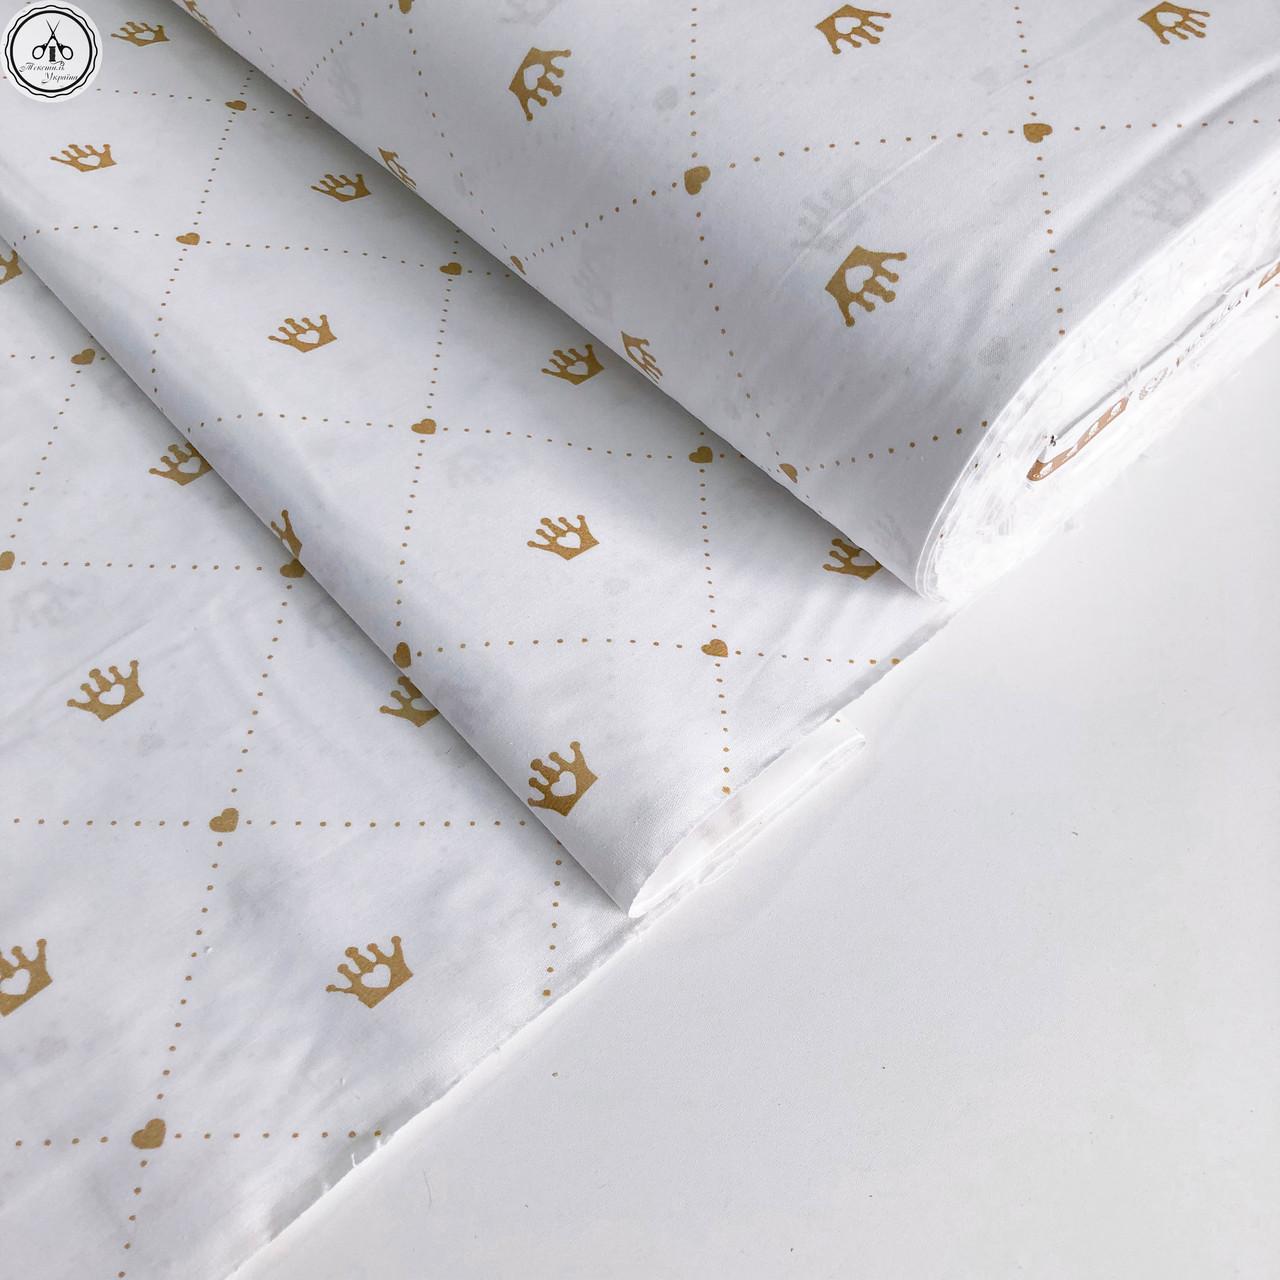 """Турецкая хлопковая ткань ранфорс """"короны с сердцами на белом с глиттером золото"""" 240 см"""